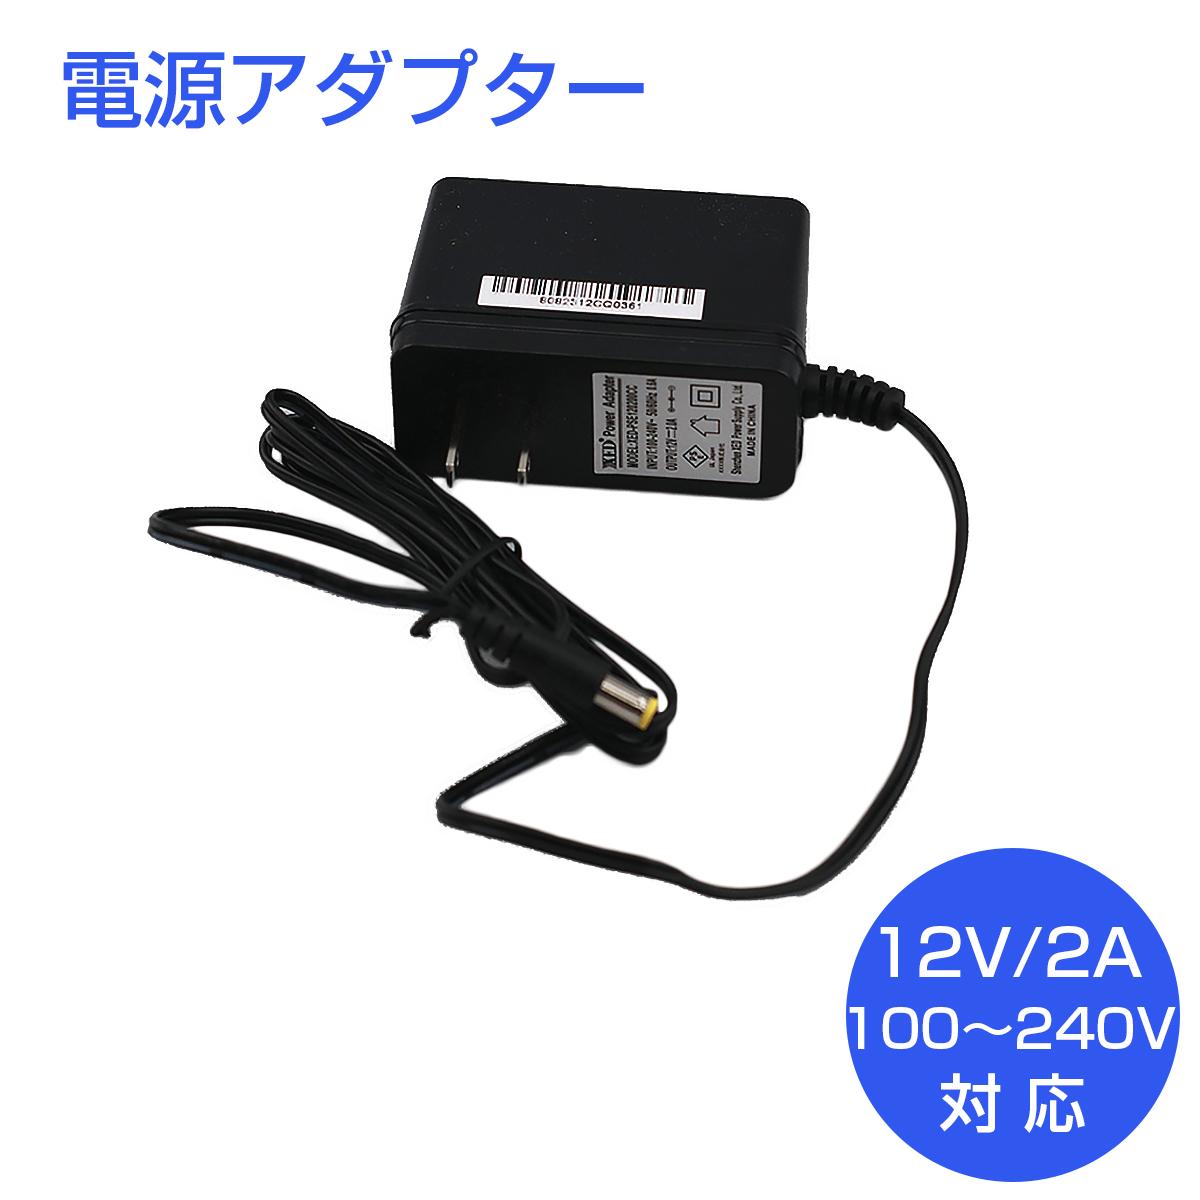 AC/DC変換 AC電源アダプター 12V 2A 100V~240V対応 SDM便送料無料 1ヶ月保証